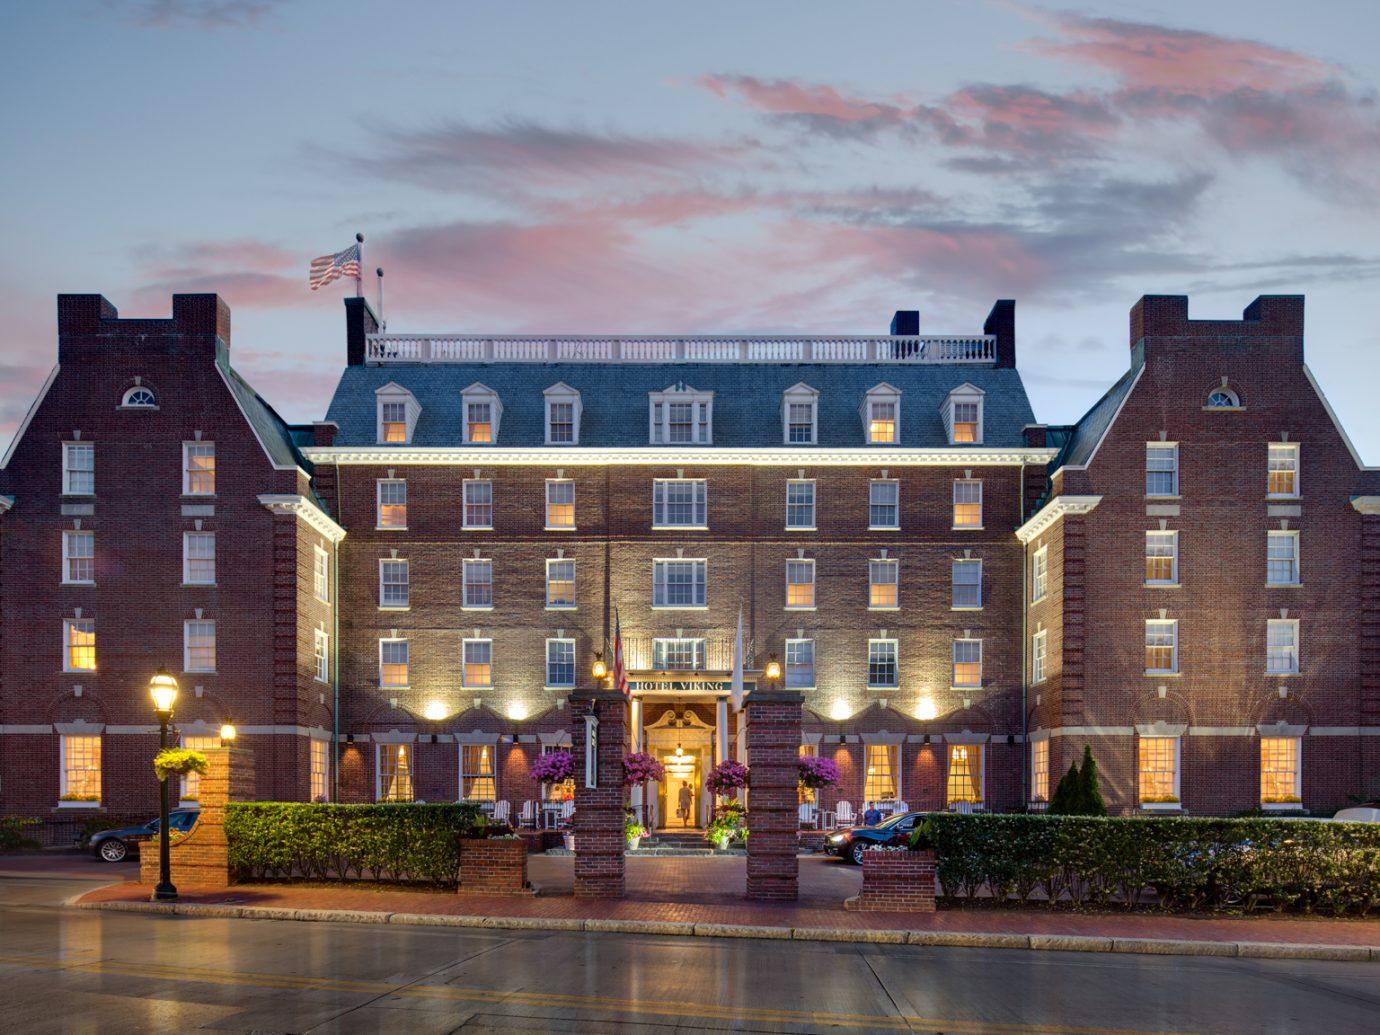 Exterior of Hotel Viking at dusk